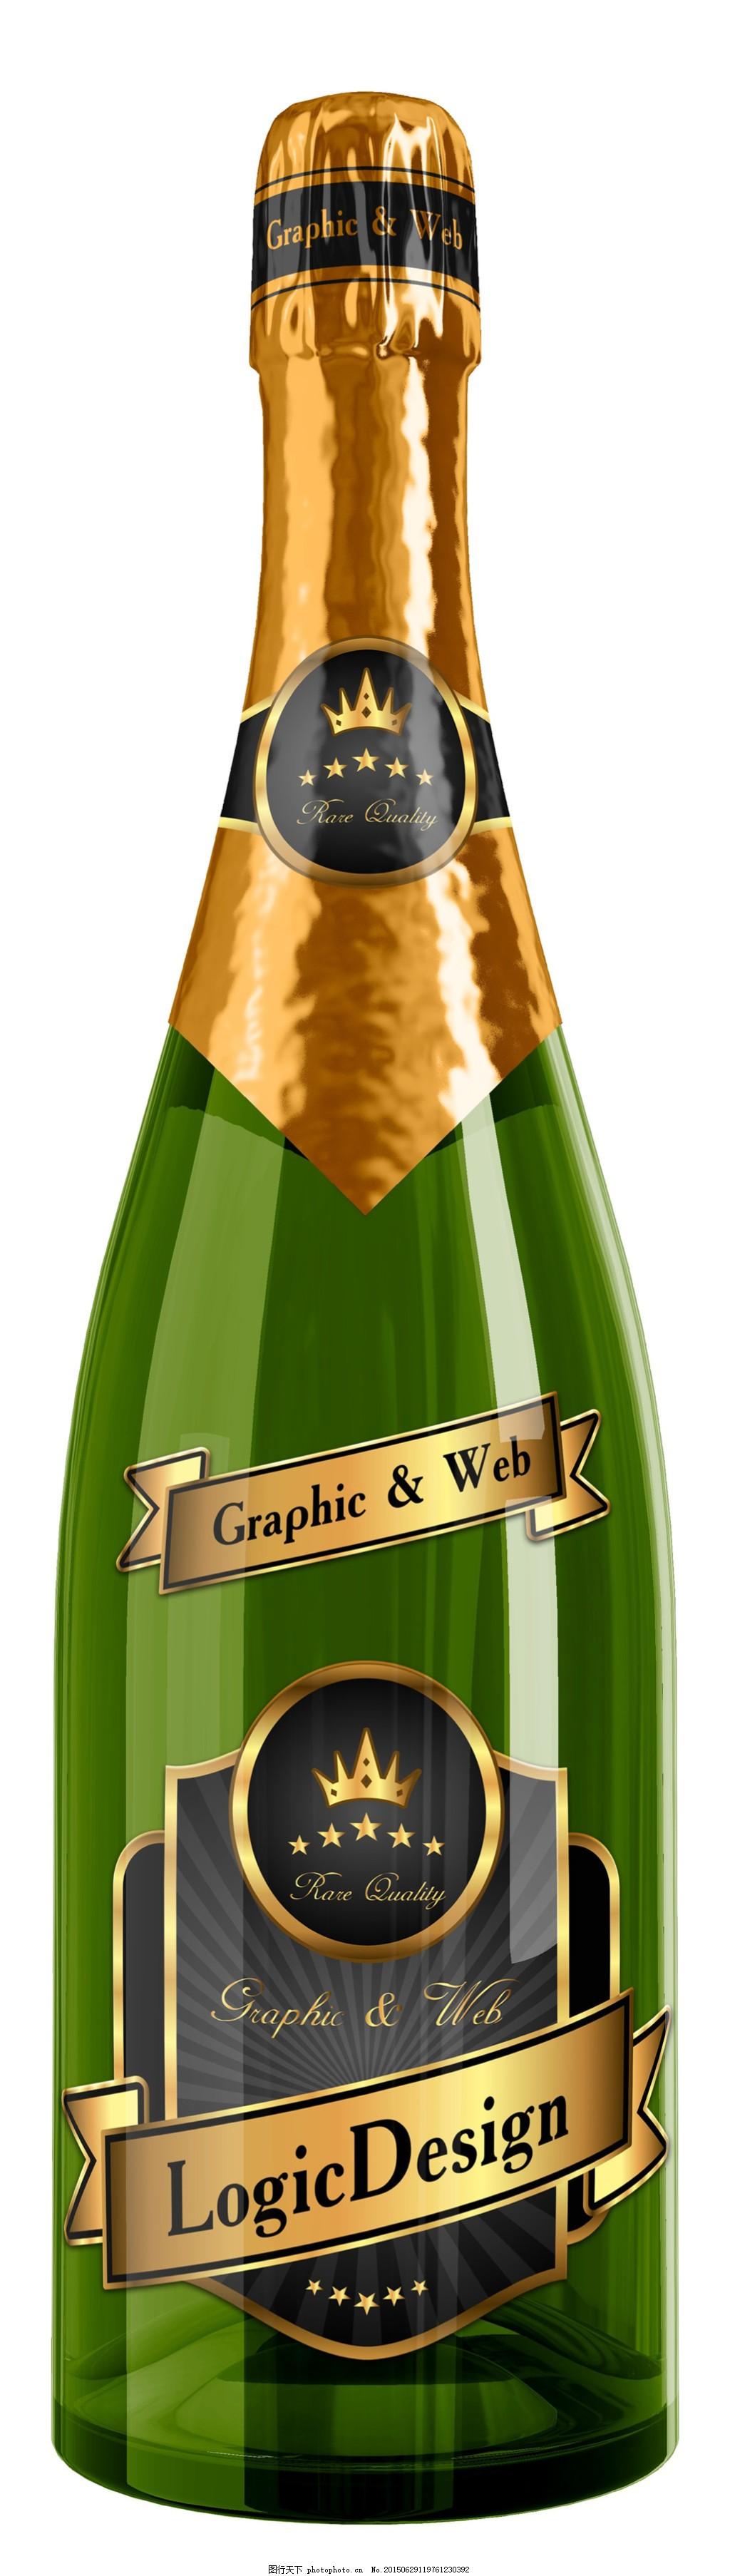 香槟包装瓶子 包装设计广告 产品展示图 包装图纸 广告设计psd源文件